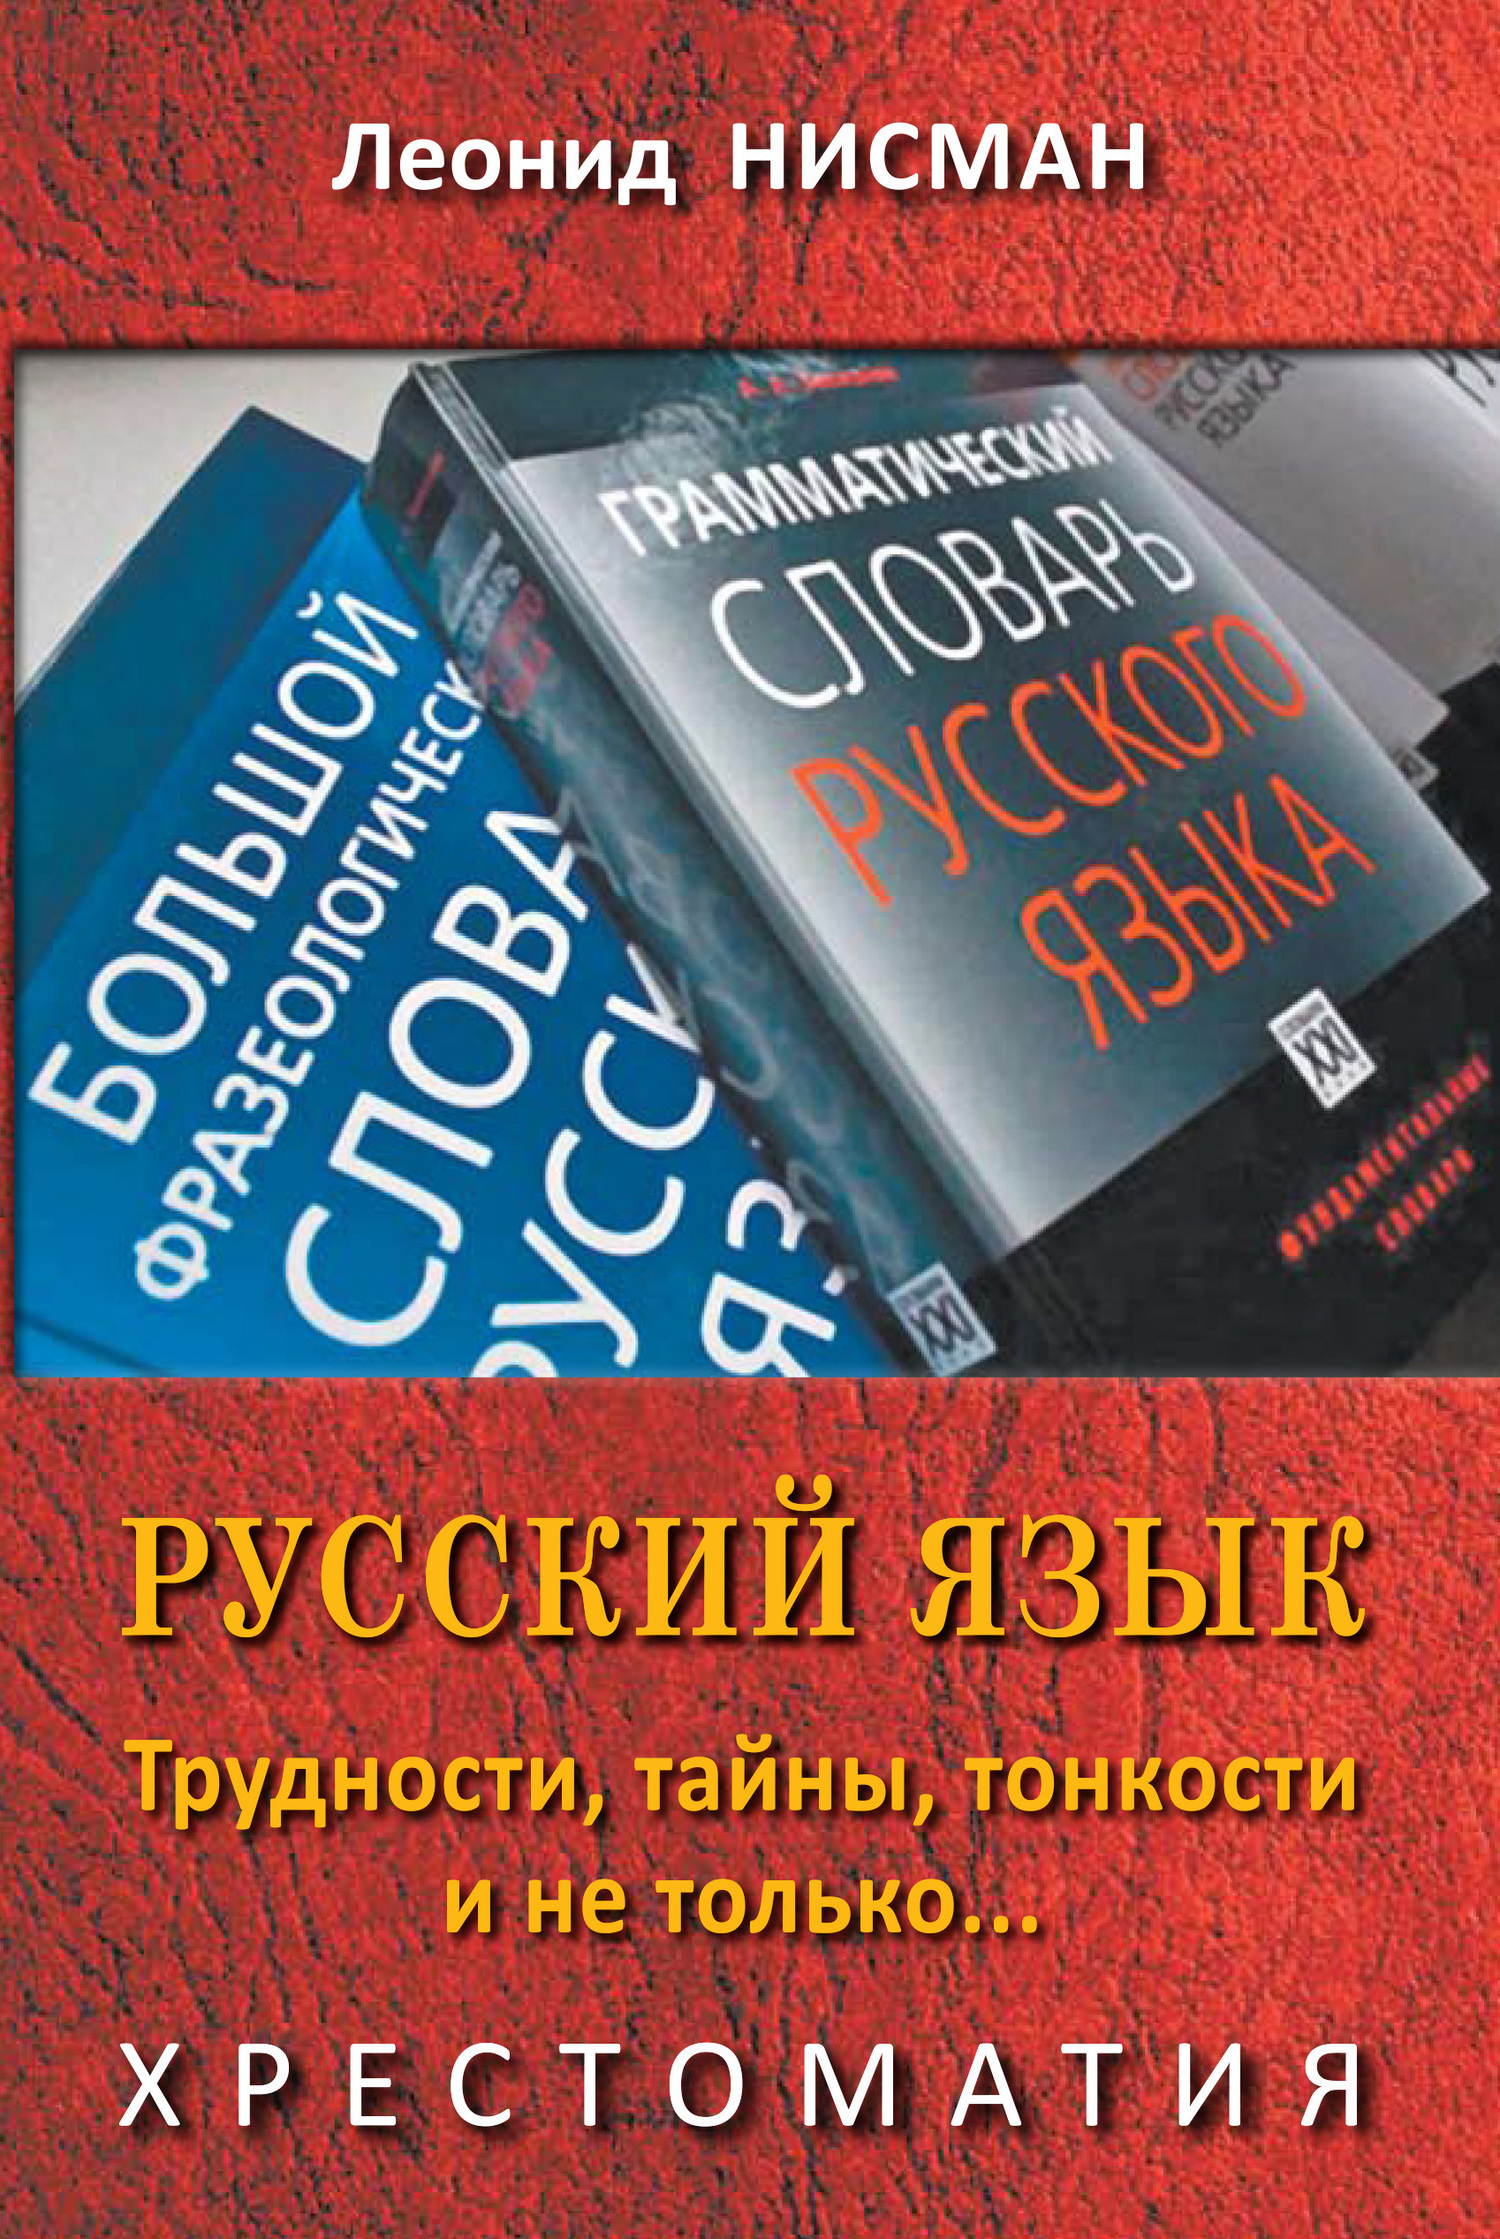 Леонид Нисман - Русский язык. Трудности, тайны, тонкости и не только…